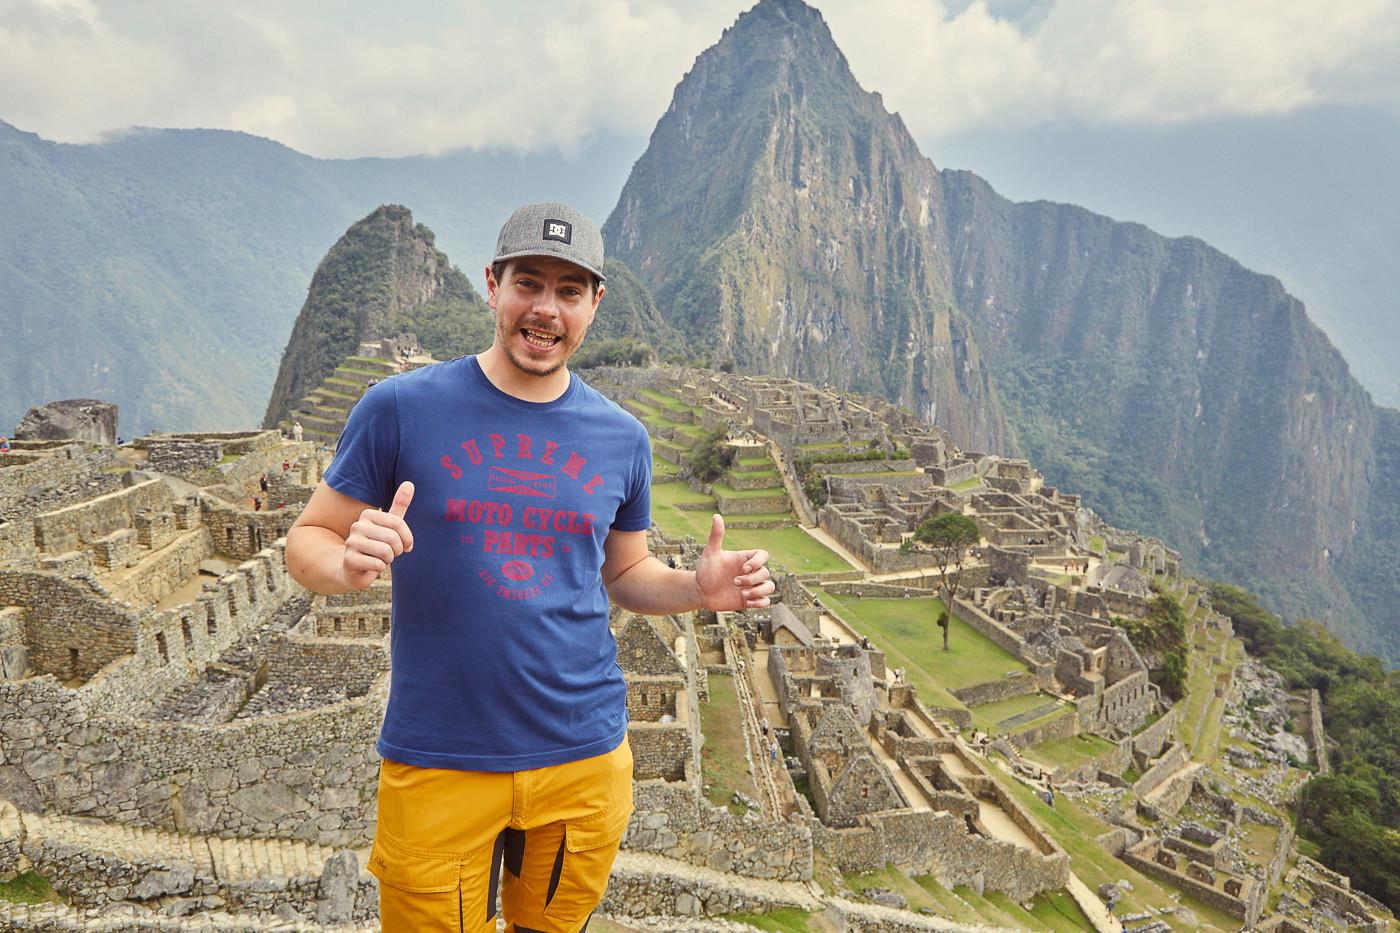 Ronnie vor Machu Picchu, Peru. In unserem Guide erzählen wir, welche Möglichkeiten es gibt, nach Machu Picchu zu kommen, von der neuen Zugstation in Cusco, und was du alles NICHT dabei haben solltest, wenn du nach Machu Picchu reist.